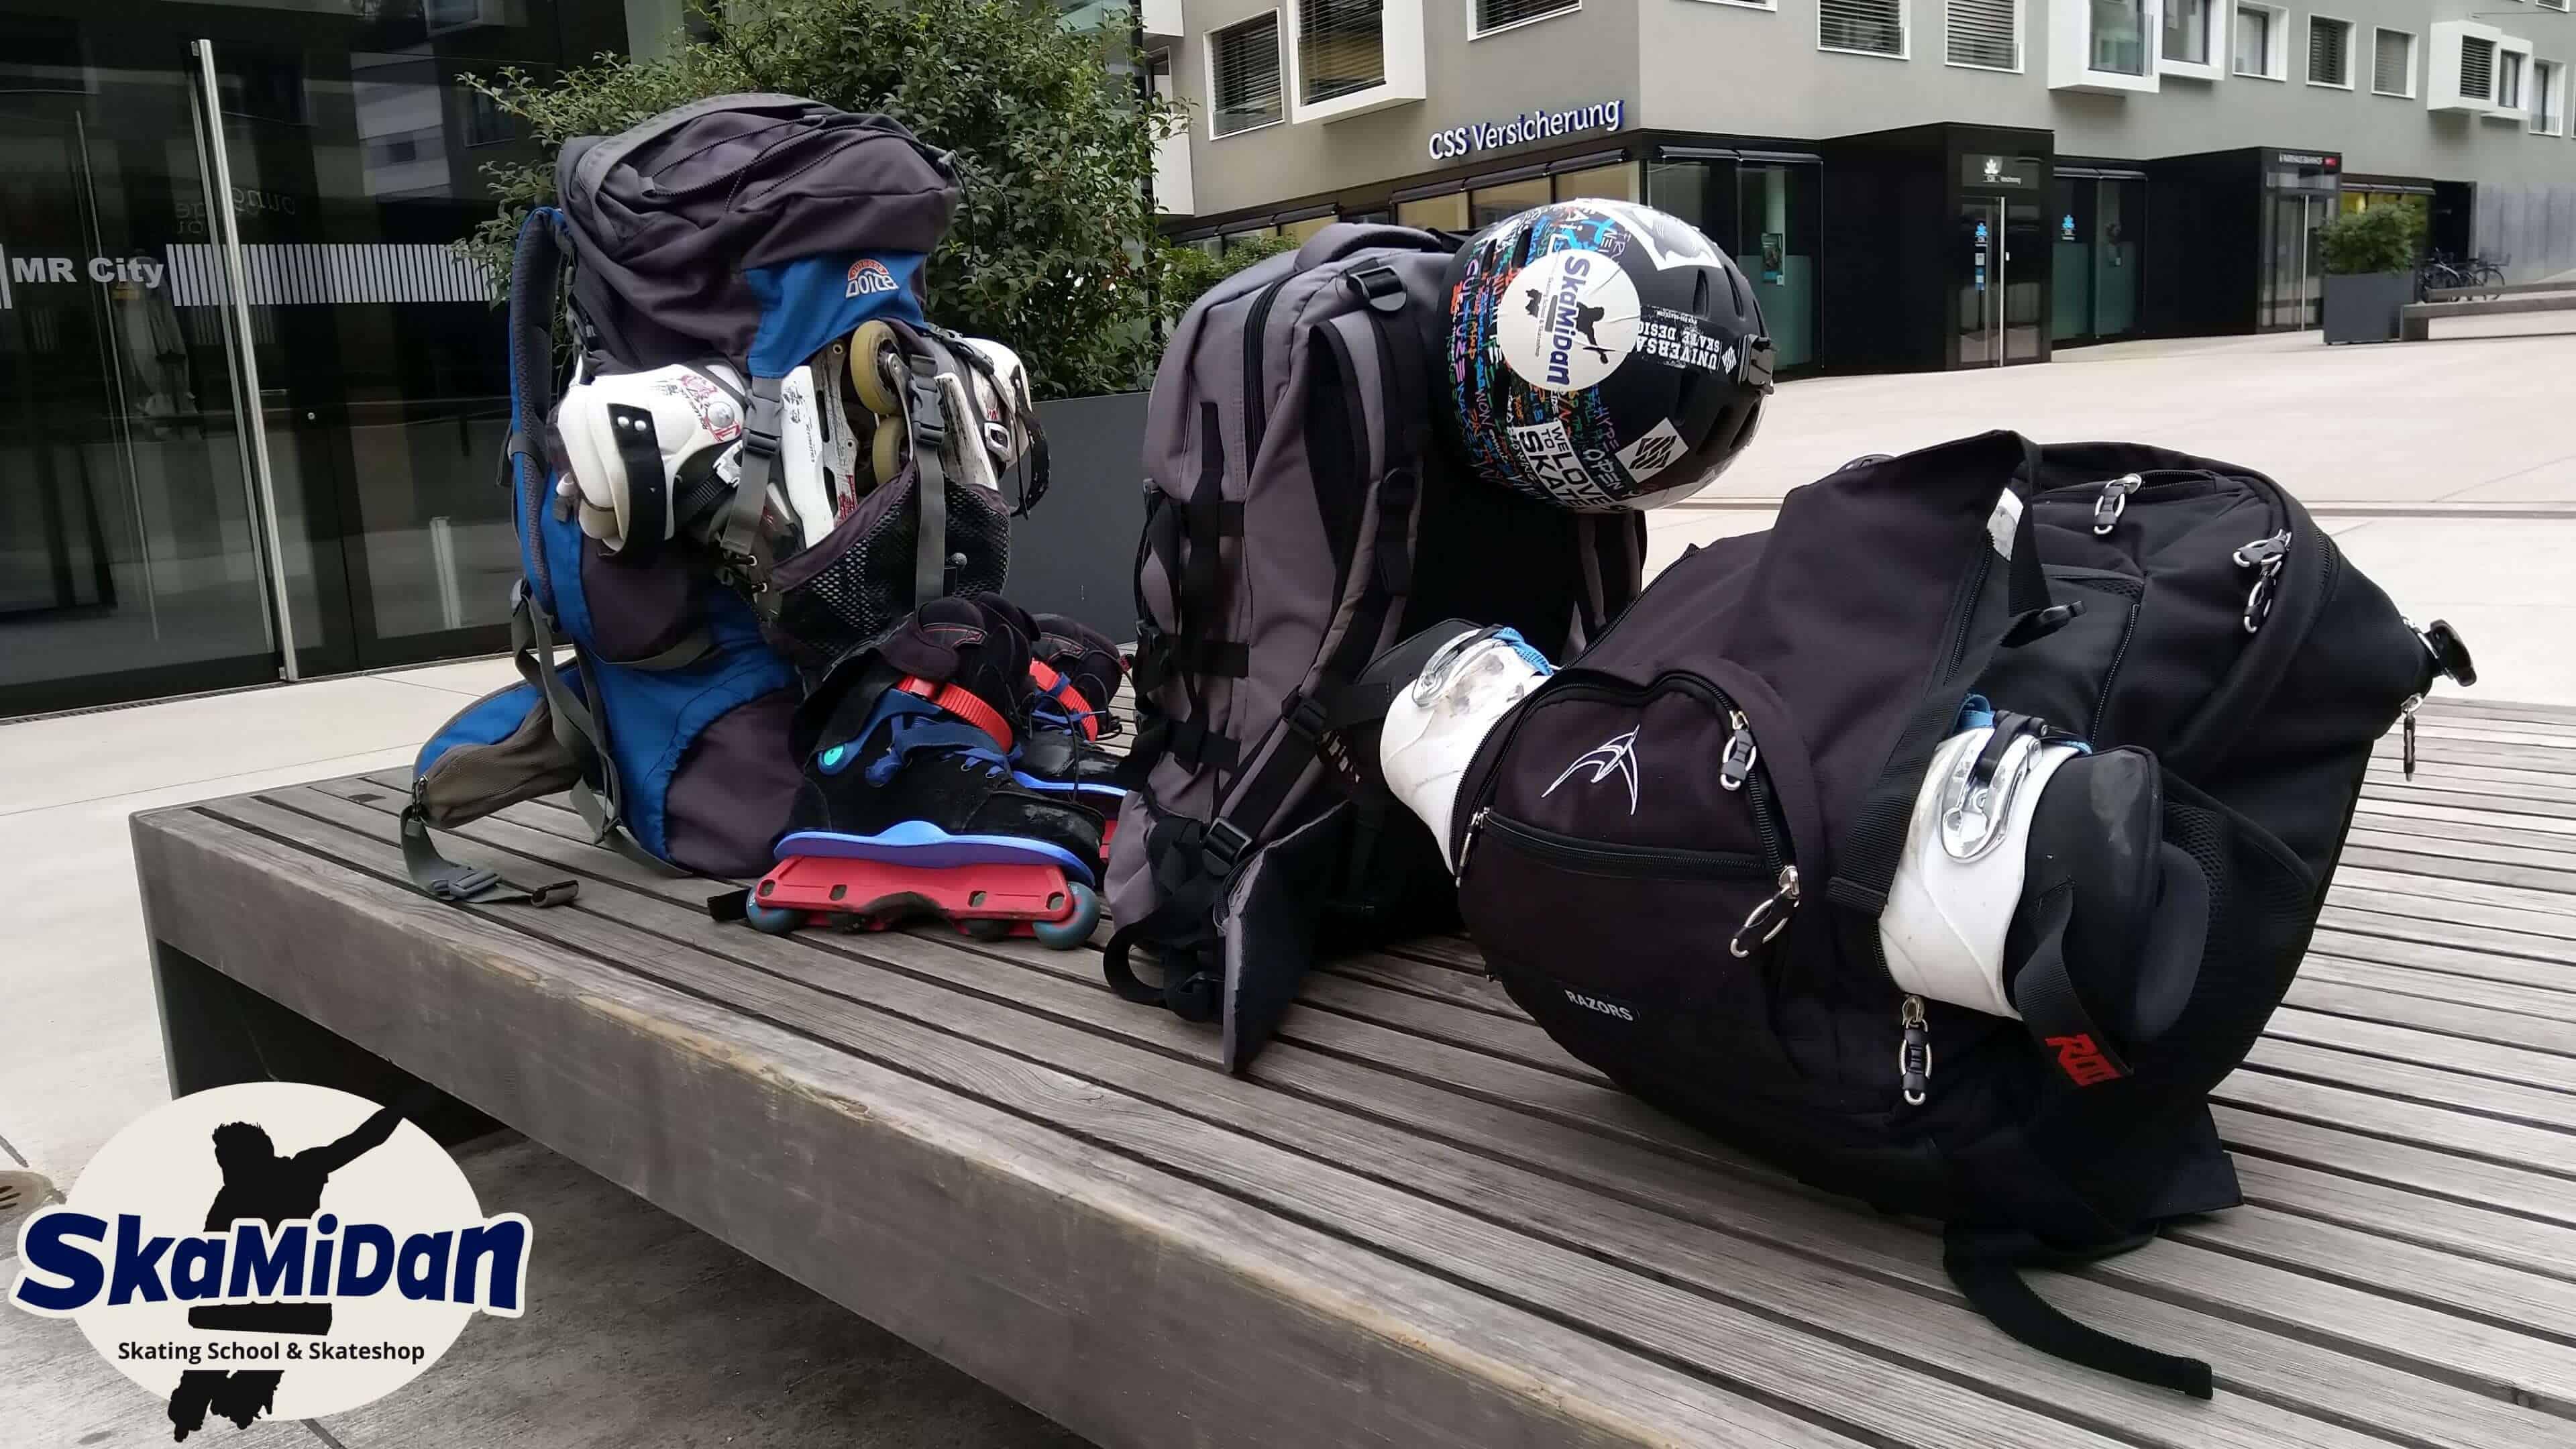 Unser Team von SkaMiDan Skateschule und Skateshop SkaMiDan Weil am Rhein Basel Lörrach Freiburg und Region Skateschule Inliner Skates Rollschuhe